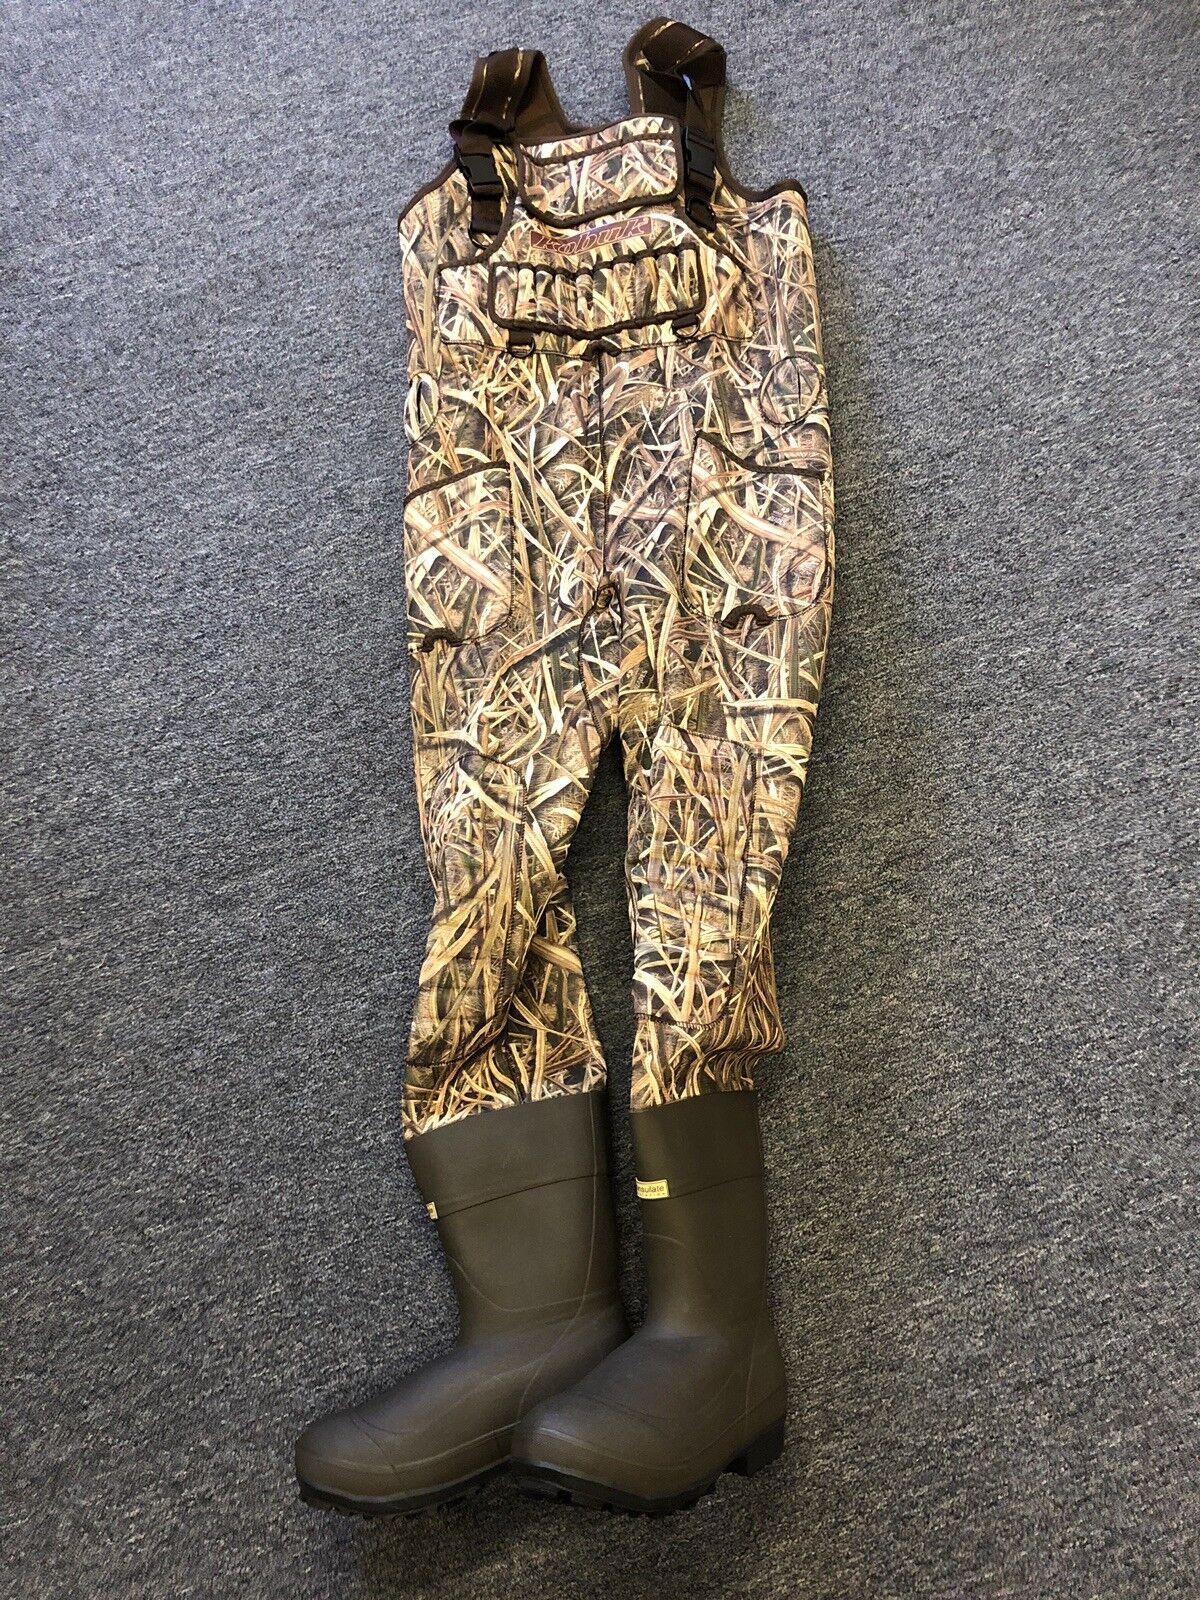 Nuevo 5mm Kobuk Shadow Hierba Hojas camuflaje neopreno Caza Wader tamaño del estirón 9S 1600g